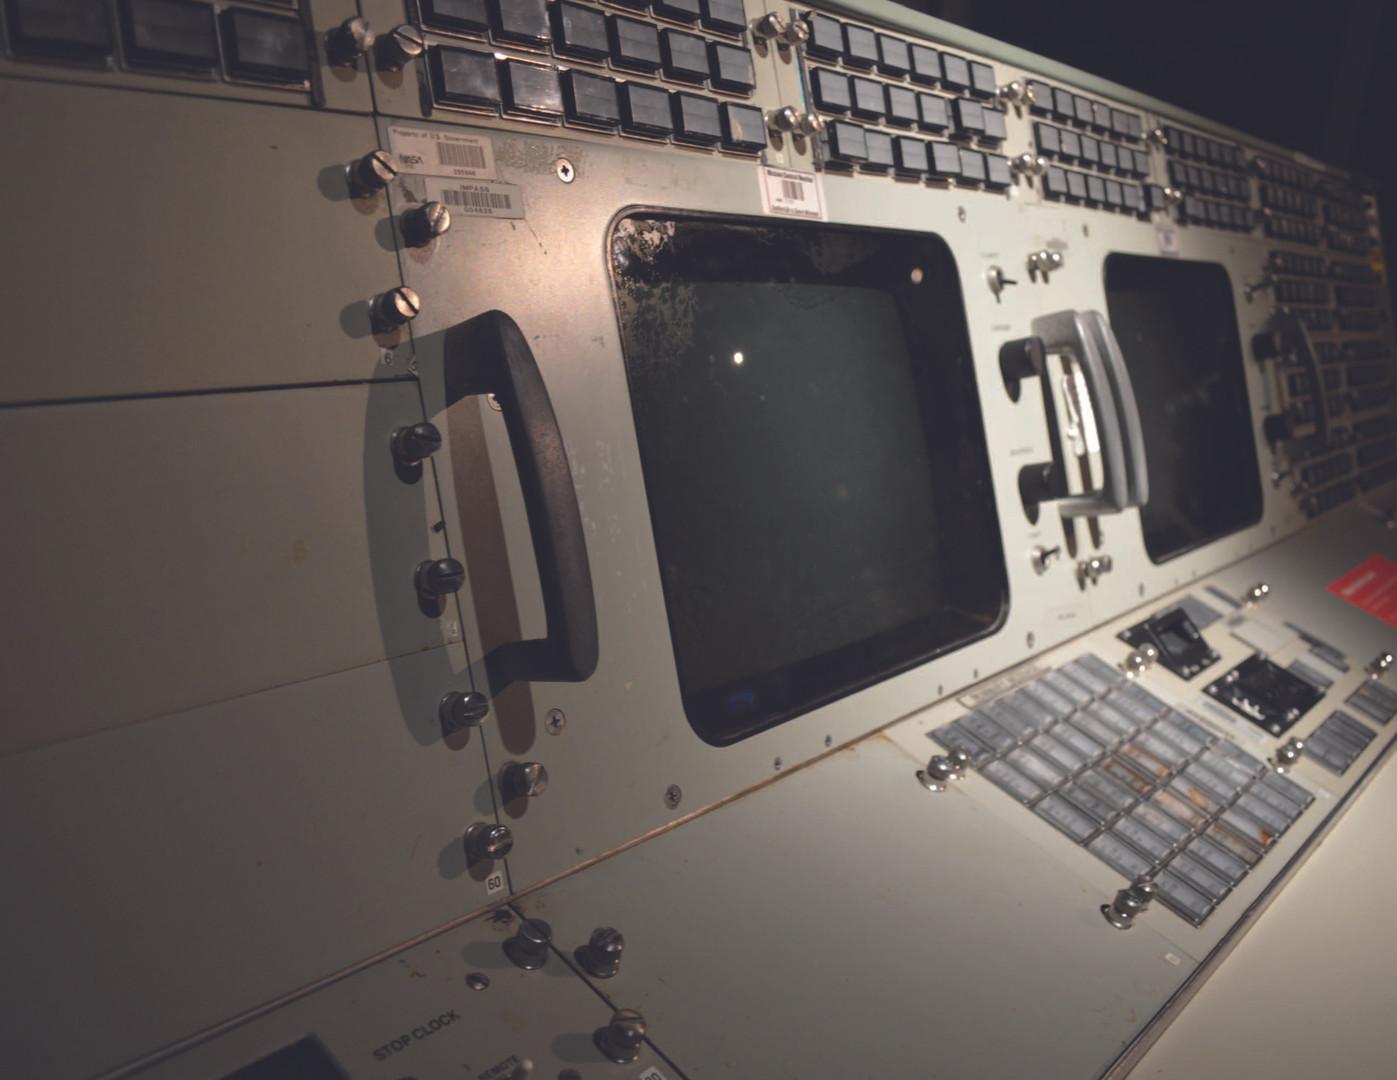 Apollo Mission Control Console